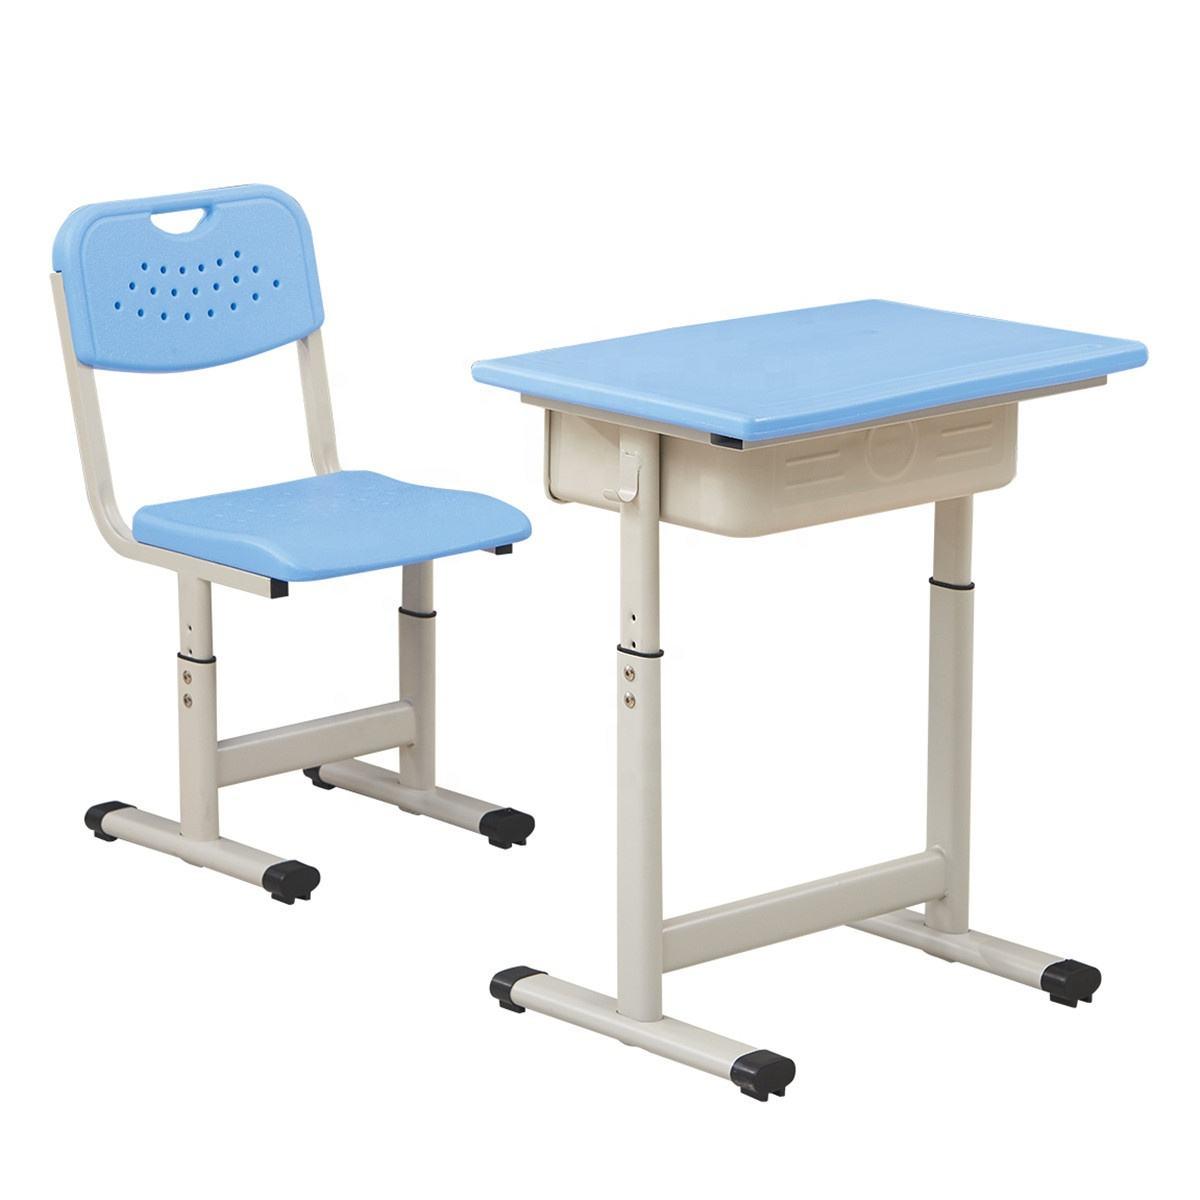 Höhe Einstellbar Schule <span class=keywords><strong>Campus</strong></span> Schreibtisch Und Stuhl Set Student <span class=keywords><strong>Möbel</strong></span>